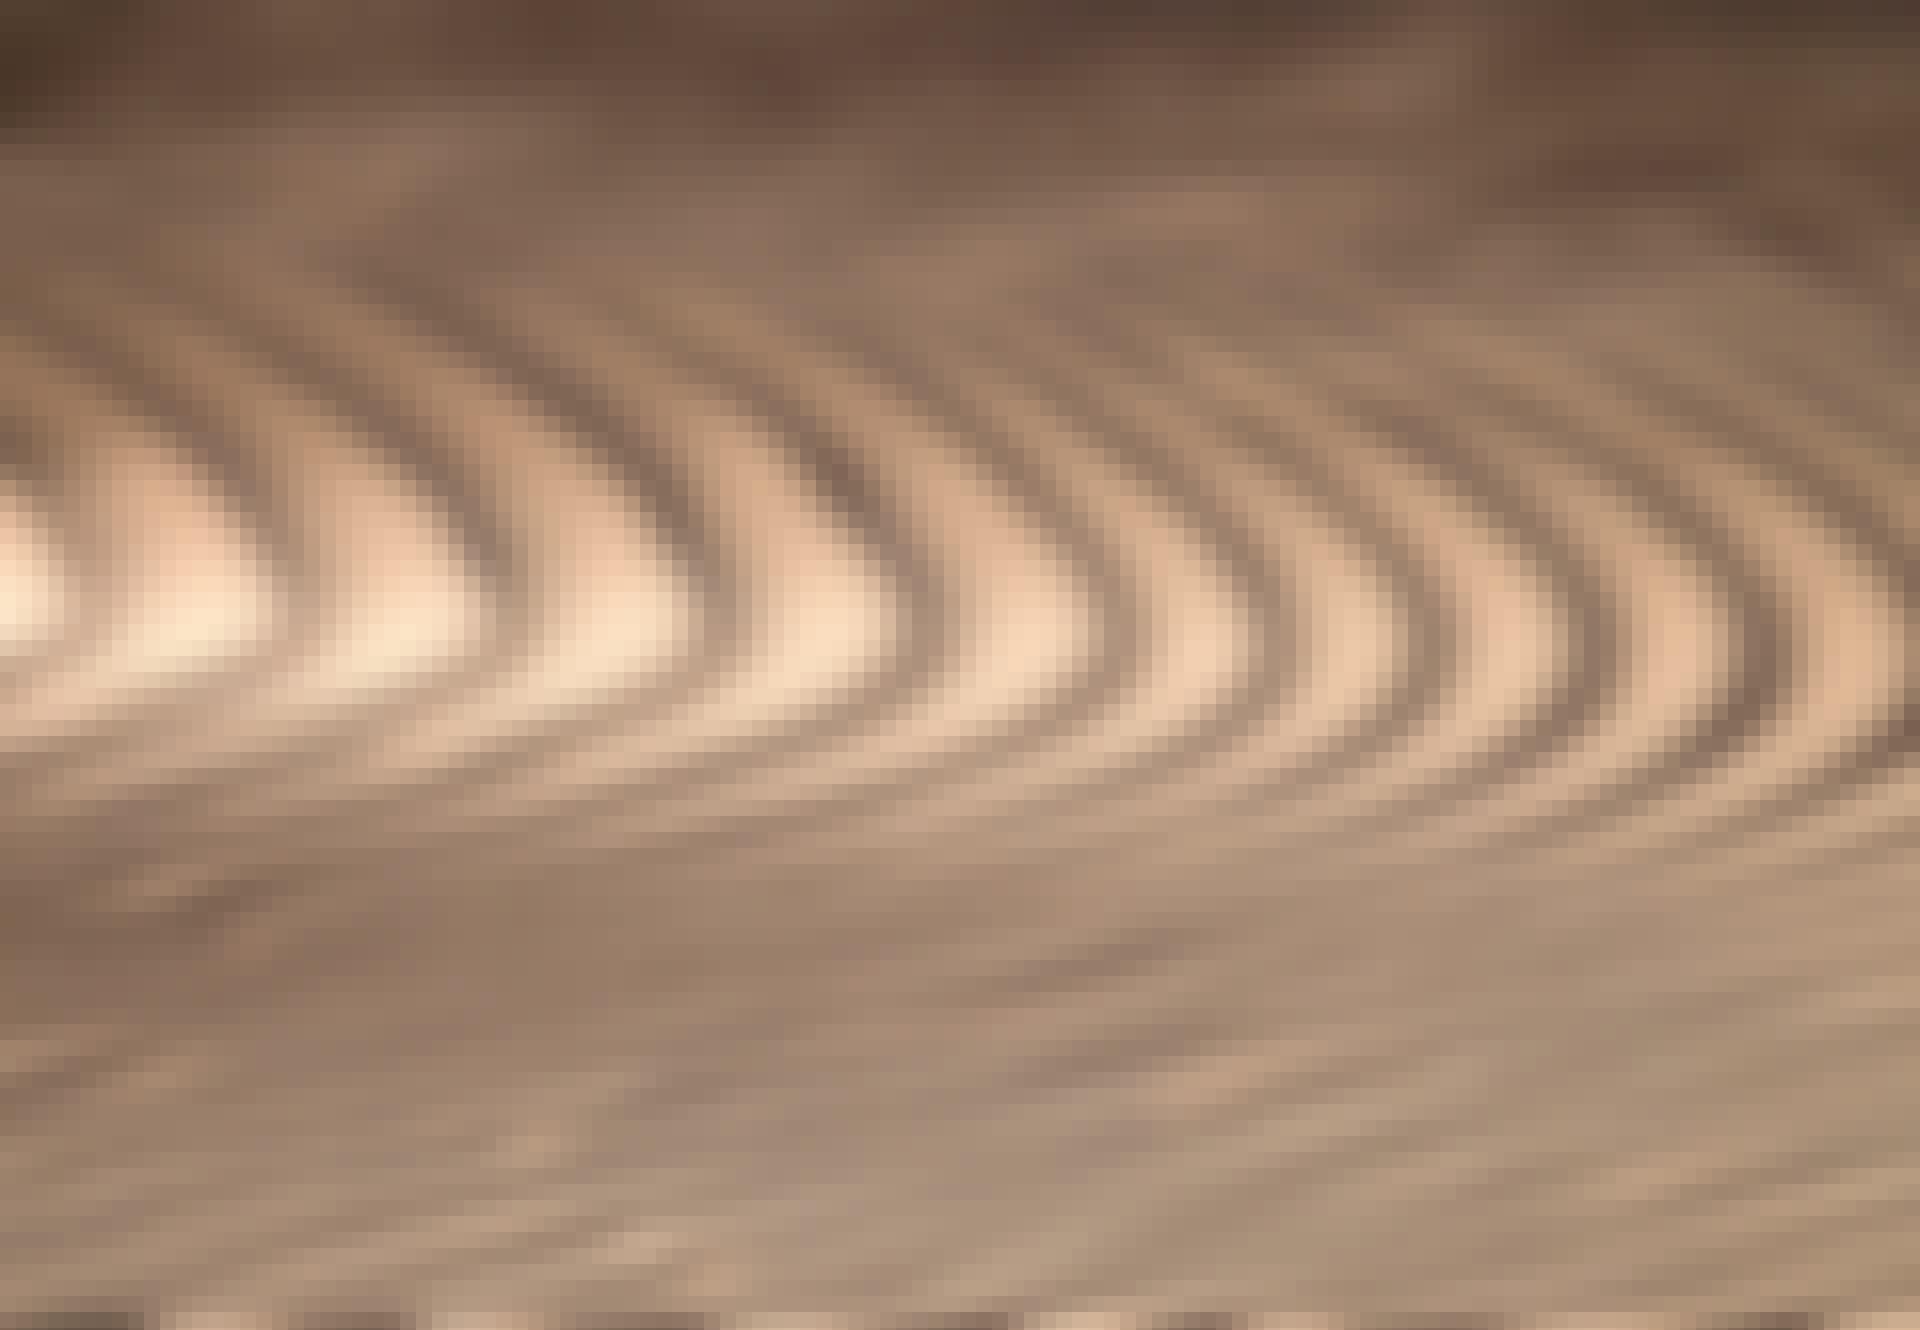 Vinden flytter sandet i Sahara ørkenen